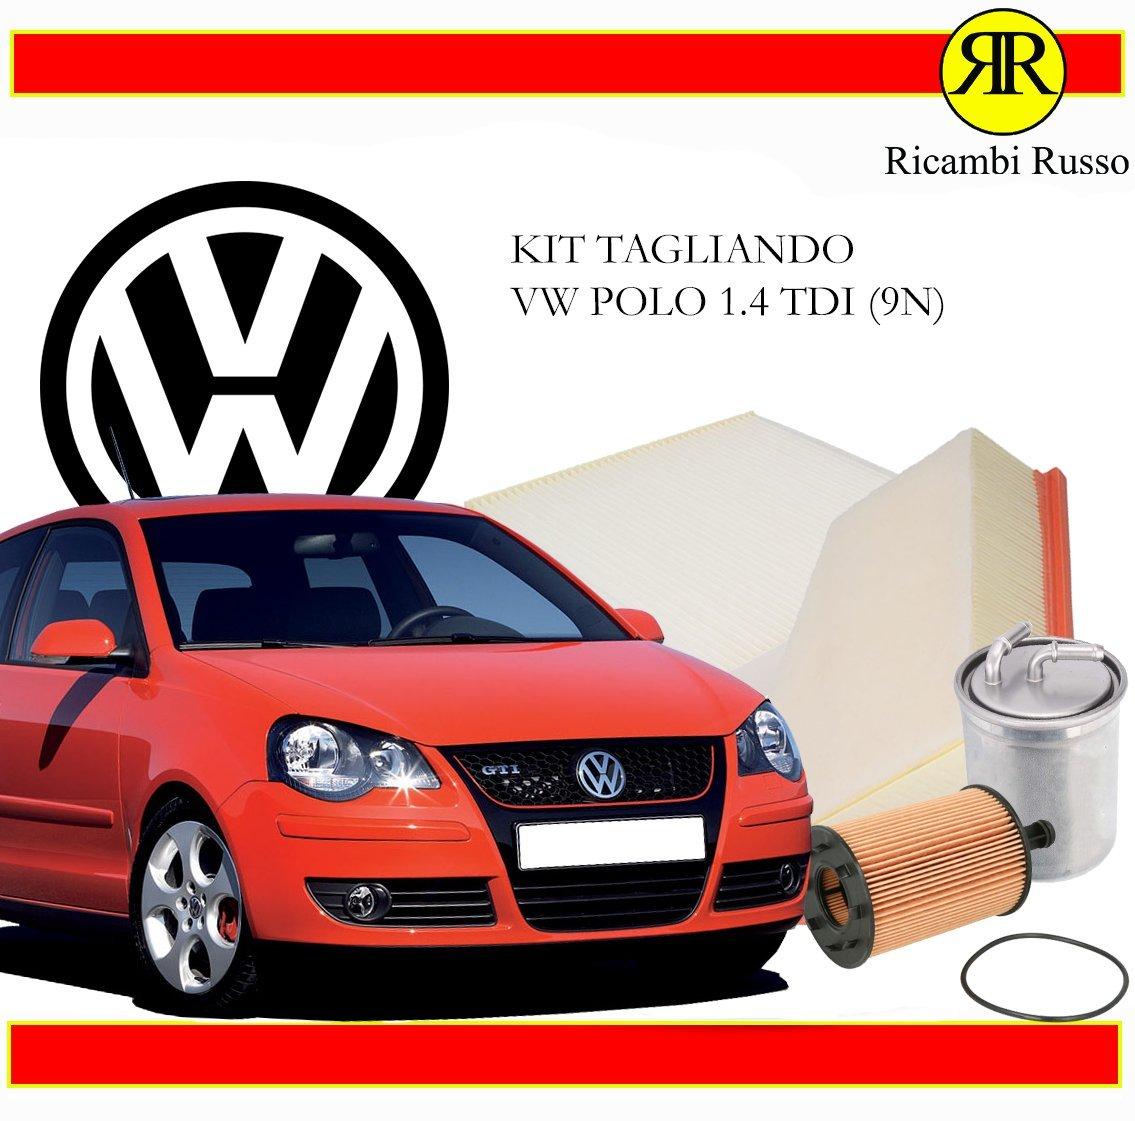 KIT TAGLIANDO 1.4 TDI 70CV 51KW FINO AL 2012 (5 LT. CASTROL EDGE 5W30) Ricambi Russo